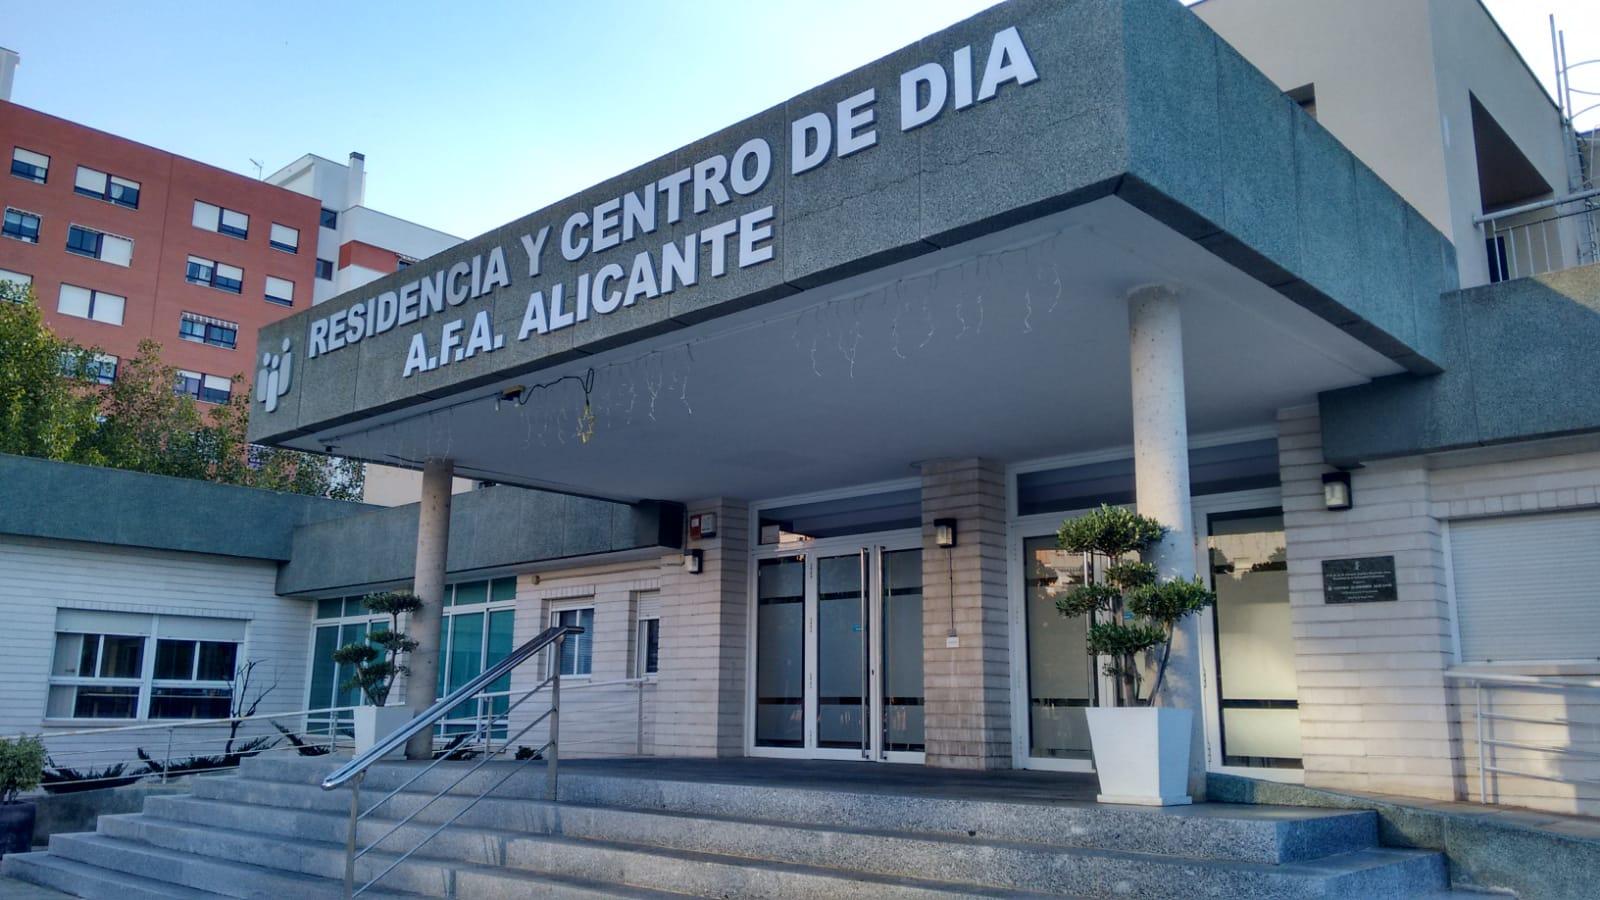 Residencia AFA Alicante